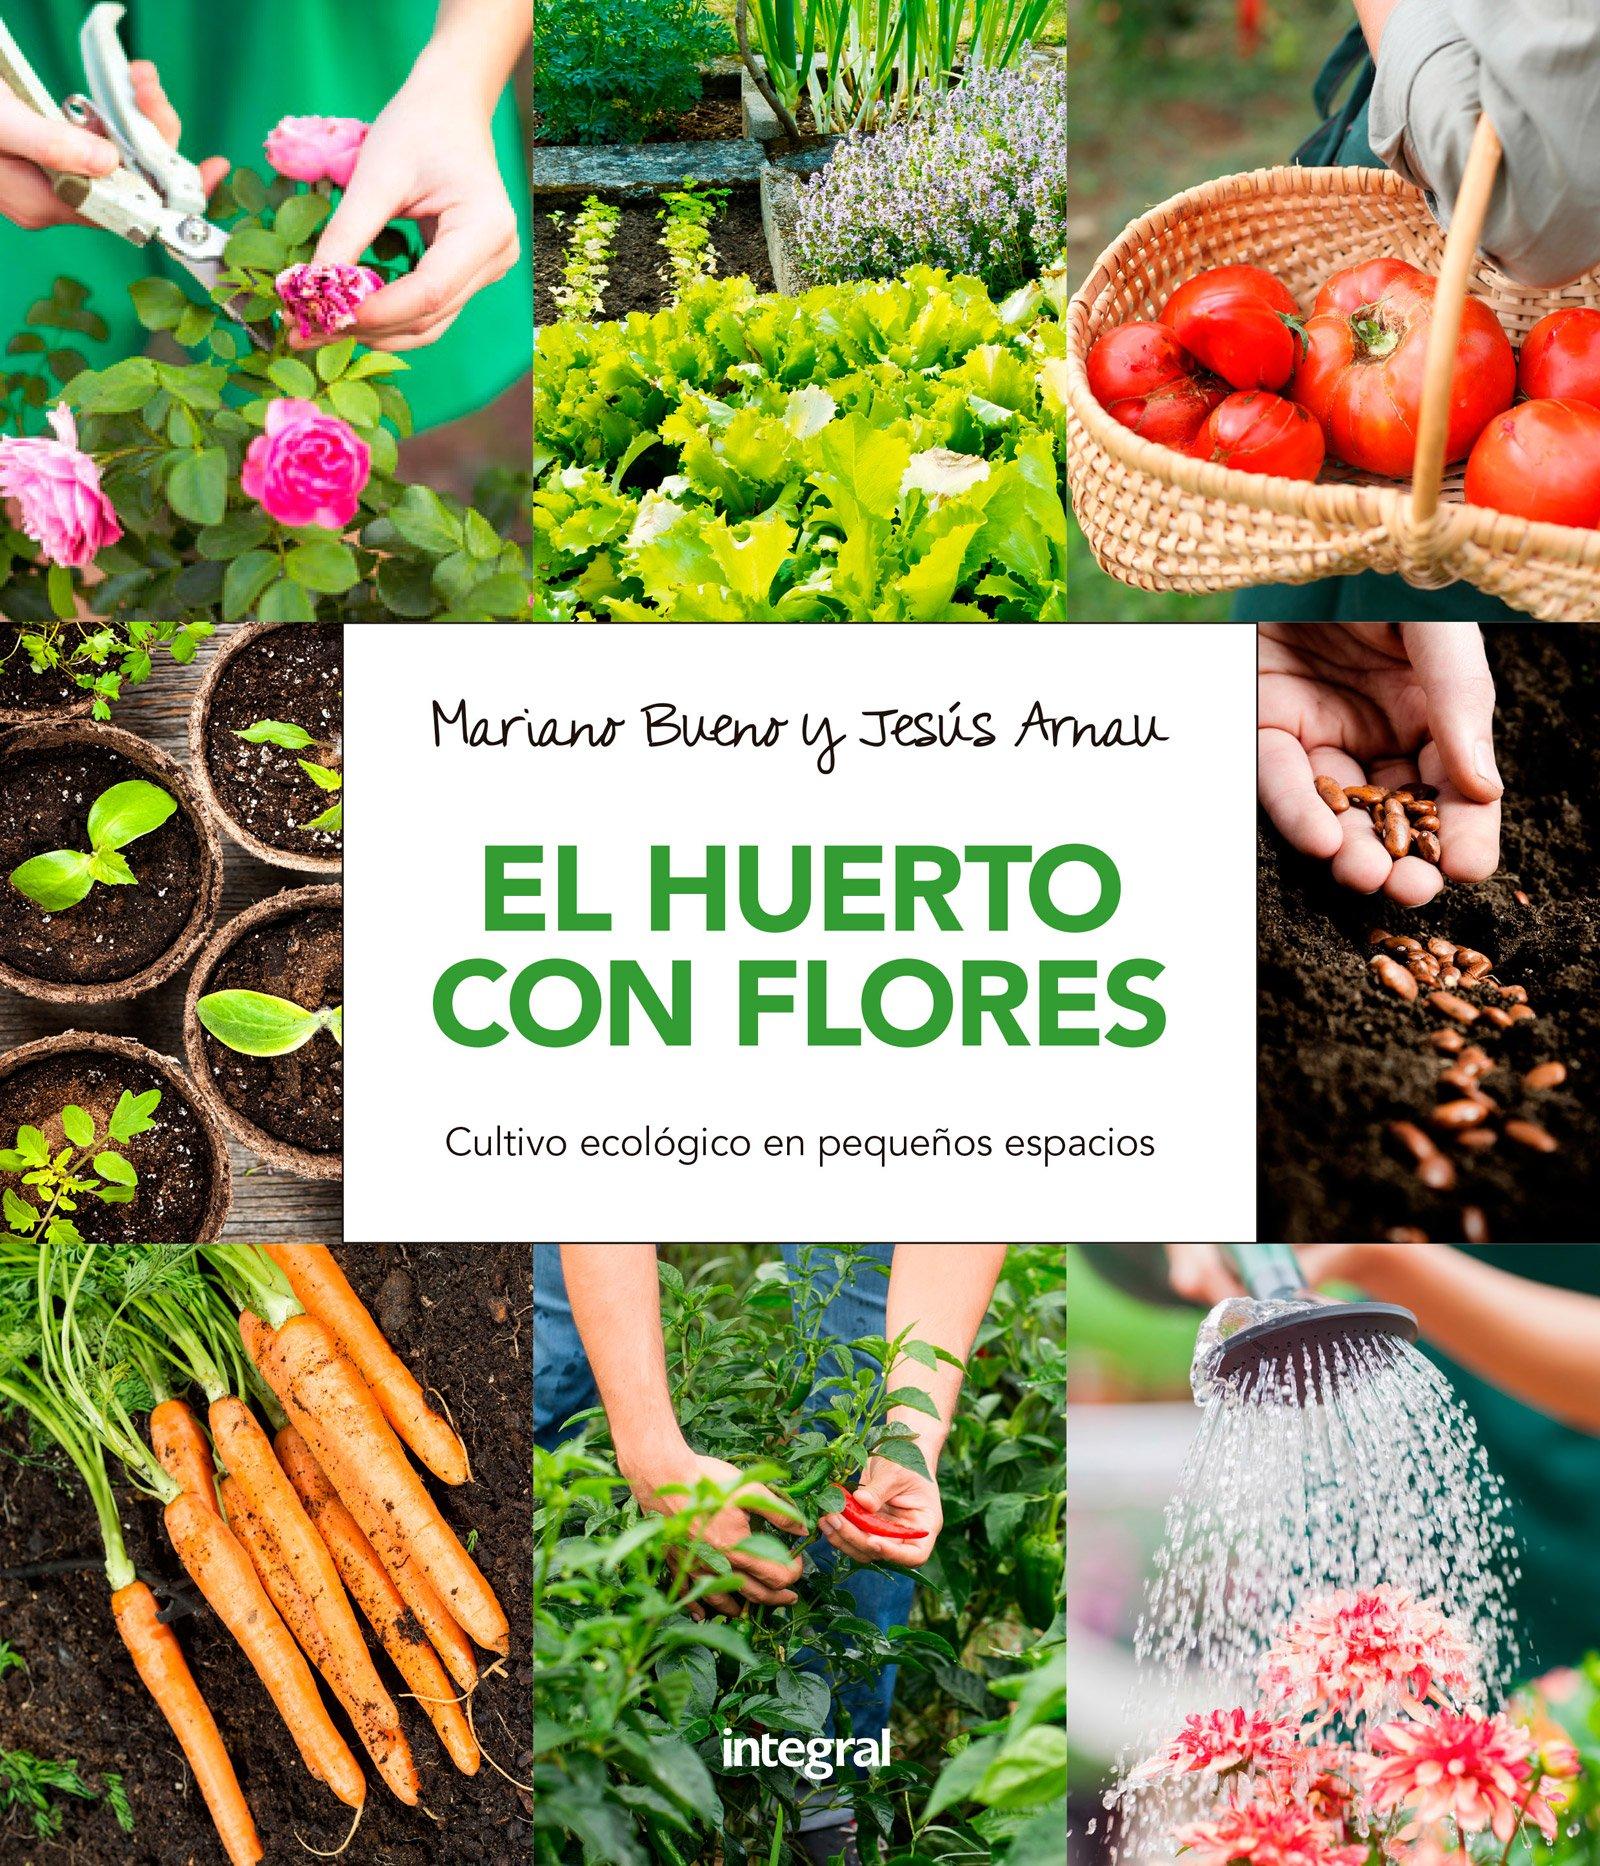 El huerto con flores: Cultivo ecológico en pequeños espacios CULTIVOS: Amazon.es: Bueno, Mariano, Arnau, Jesús: Libros